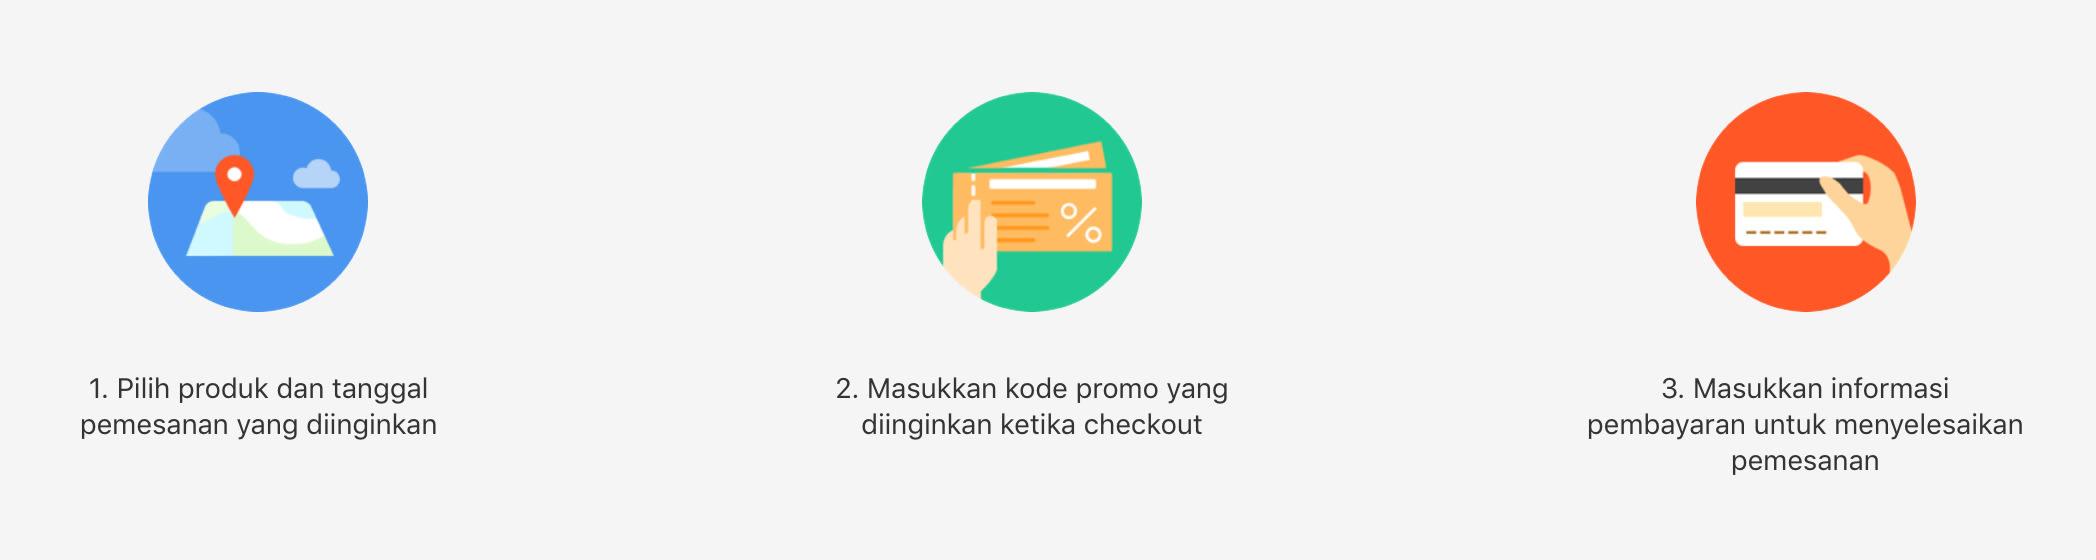 Cara Menggunakan Promo Klook